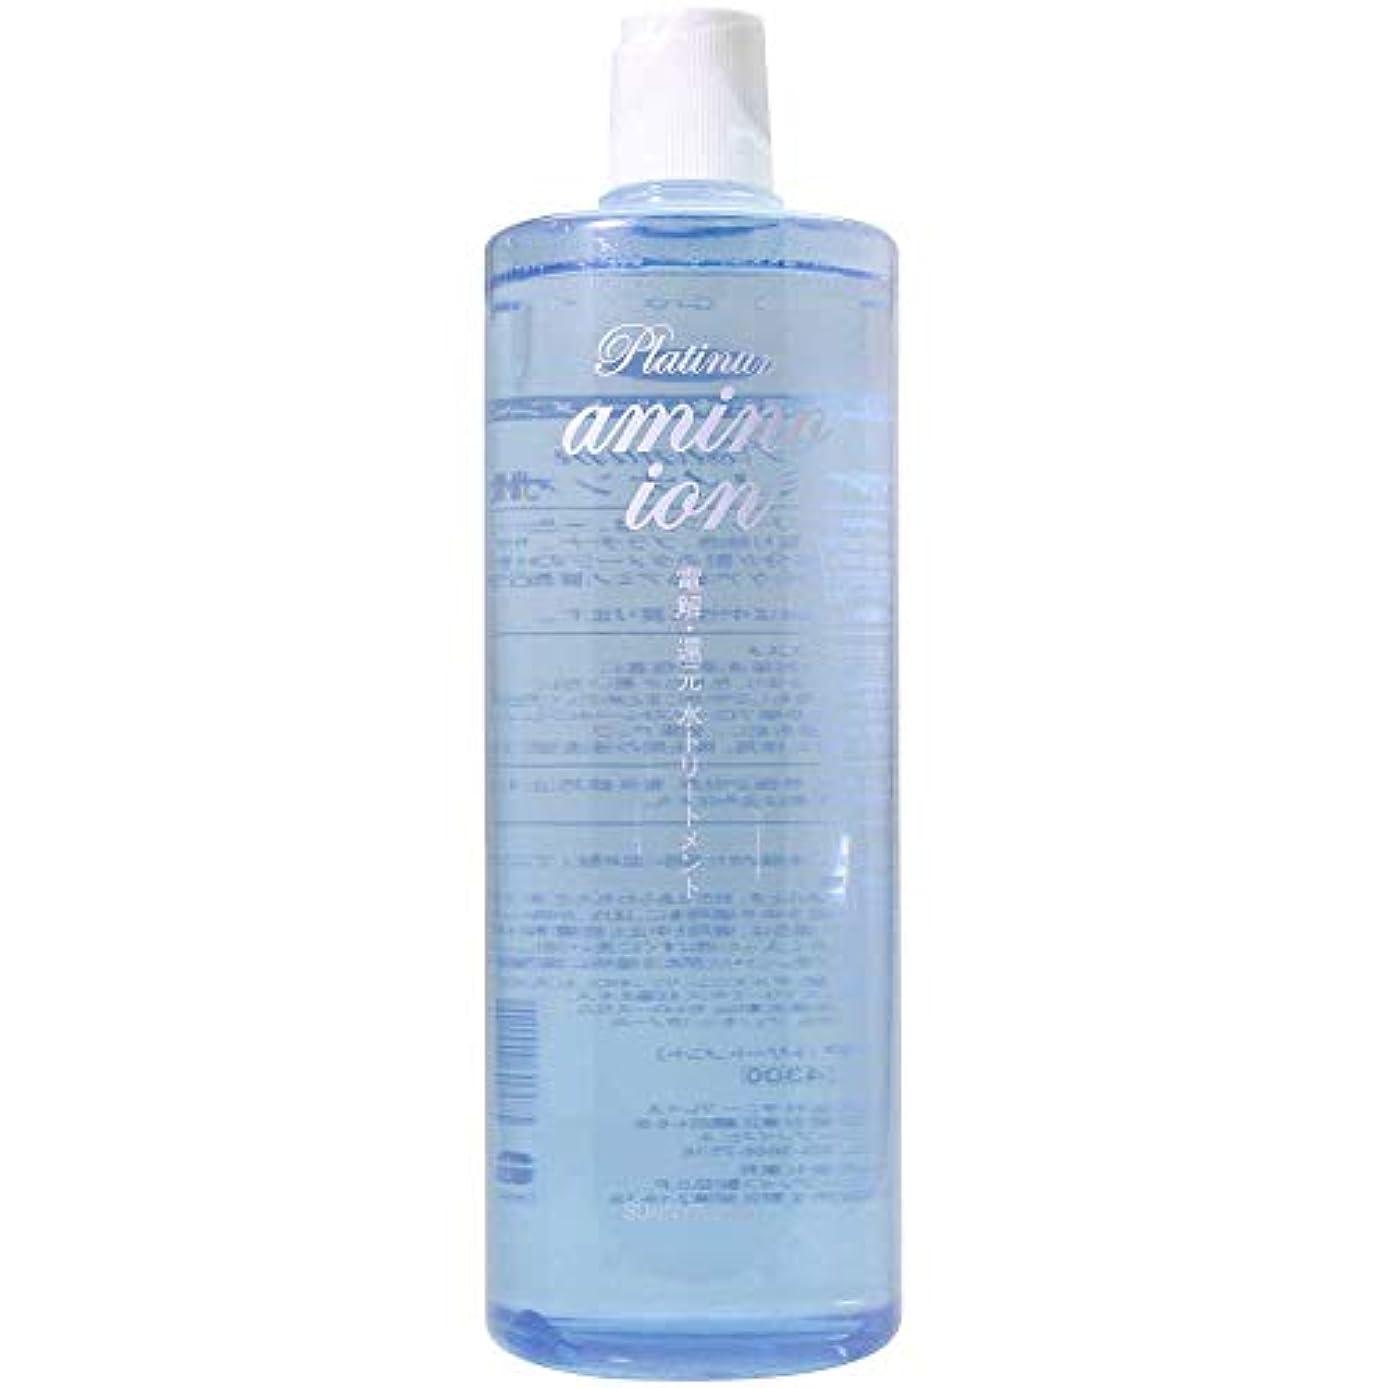 サニープレイス プラチナアミノイオン水 1L [cosme]